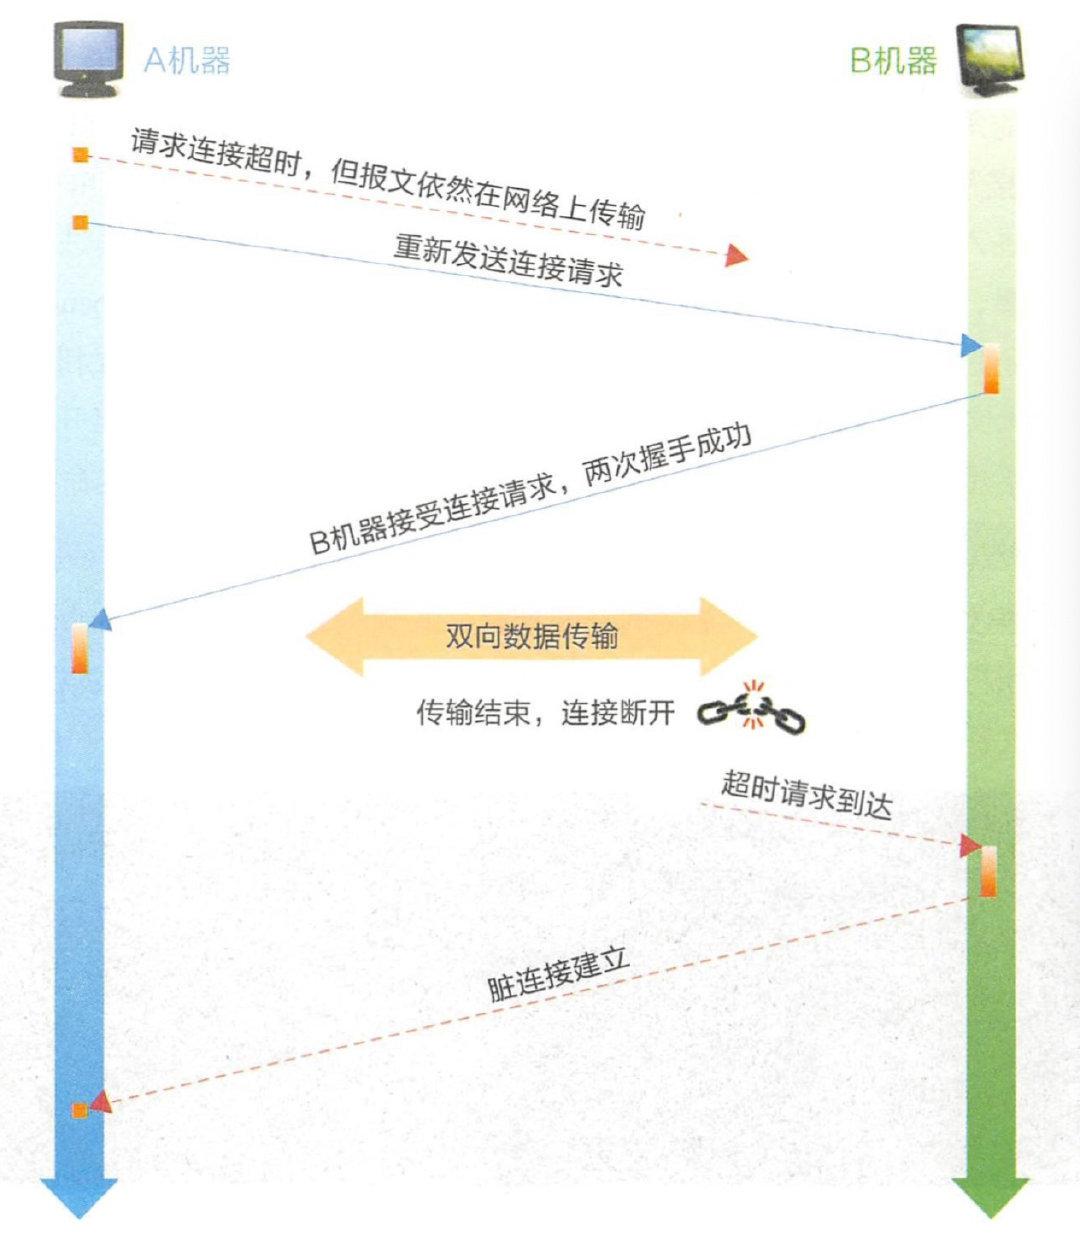 image-20200331171058004